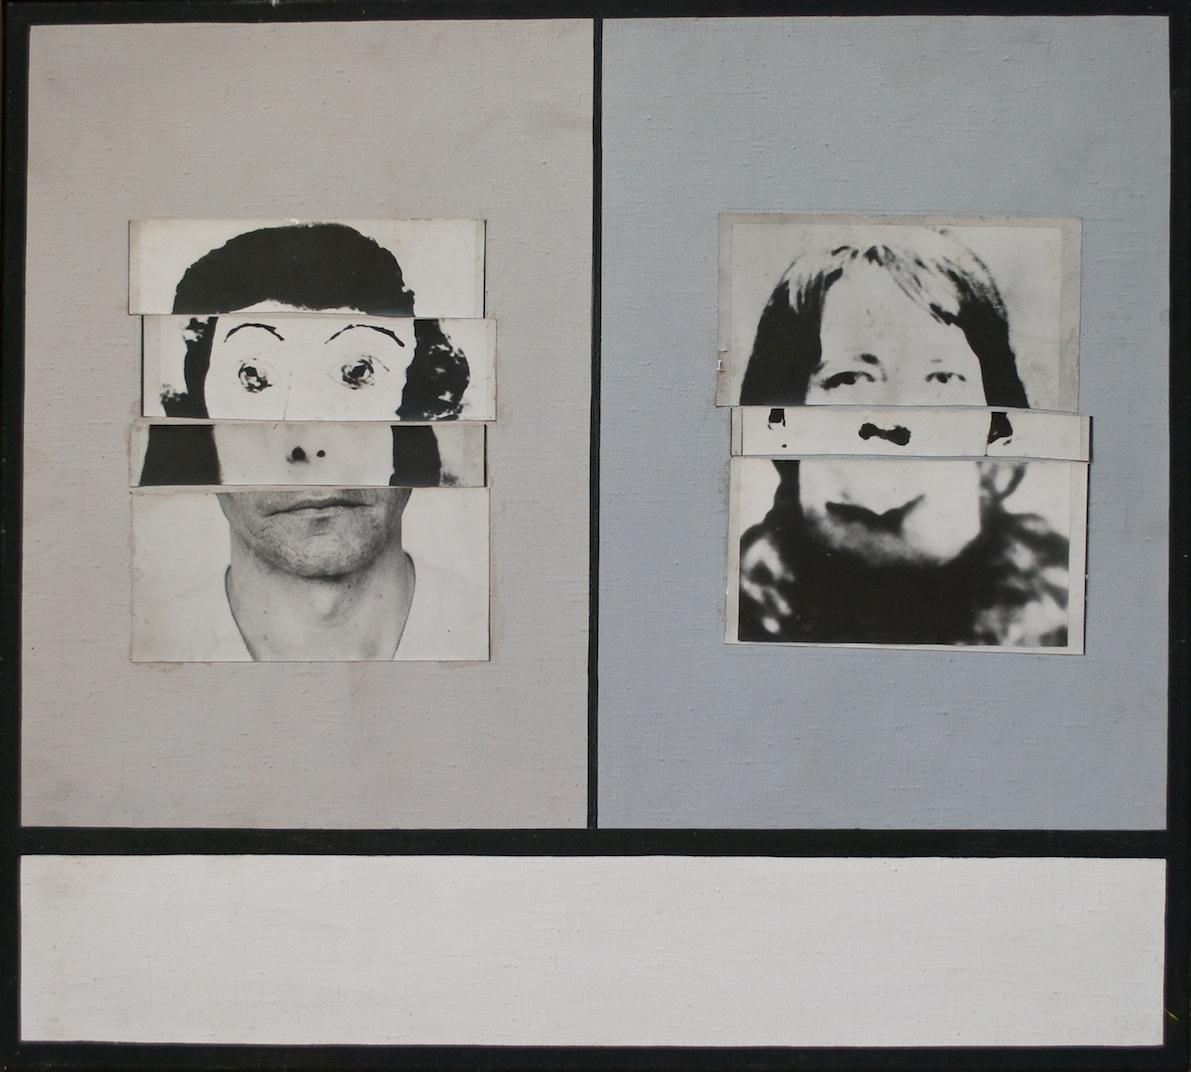 """Danuta Urbanowicz, """"Portret składany"""", 1972, reprodukcja z Archiwum Galerii Zderzak (źródło: materiały prasowe organizatora)"""